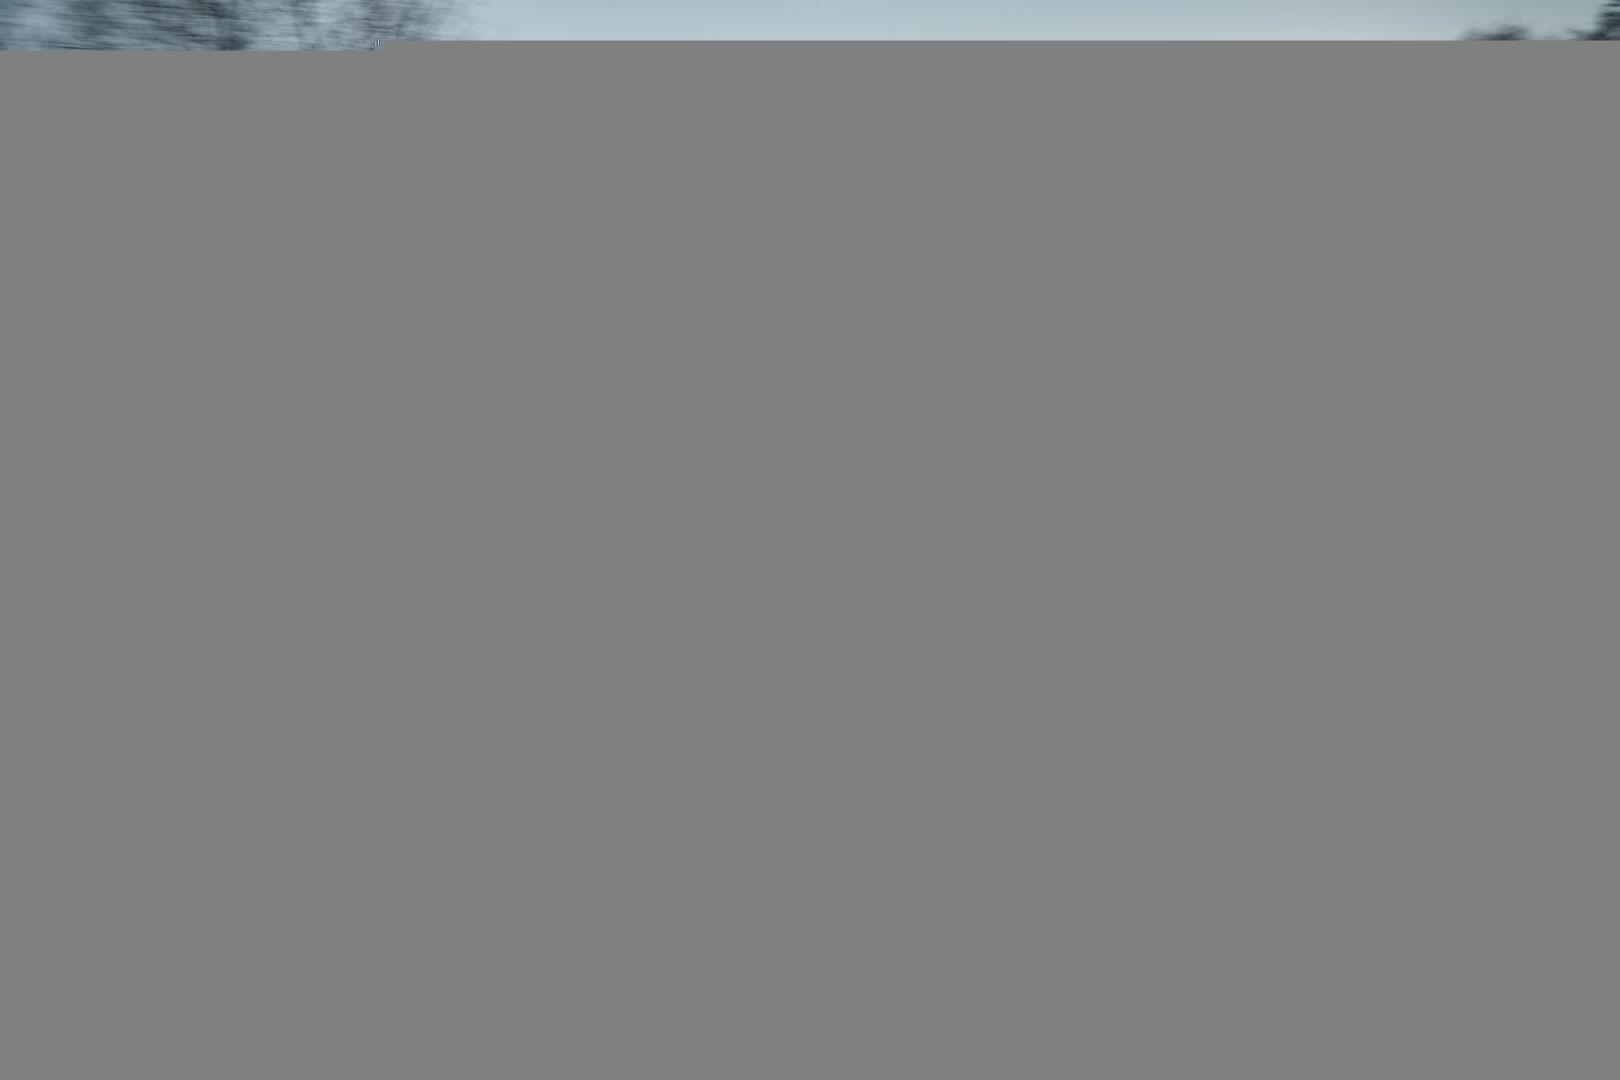 Snelste voorwielaandrijver op de Nürburgring Honda Civic Type R